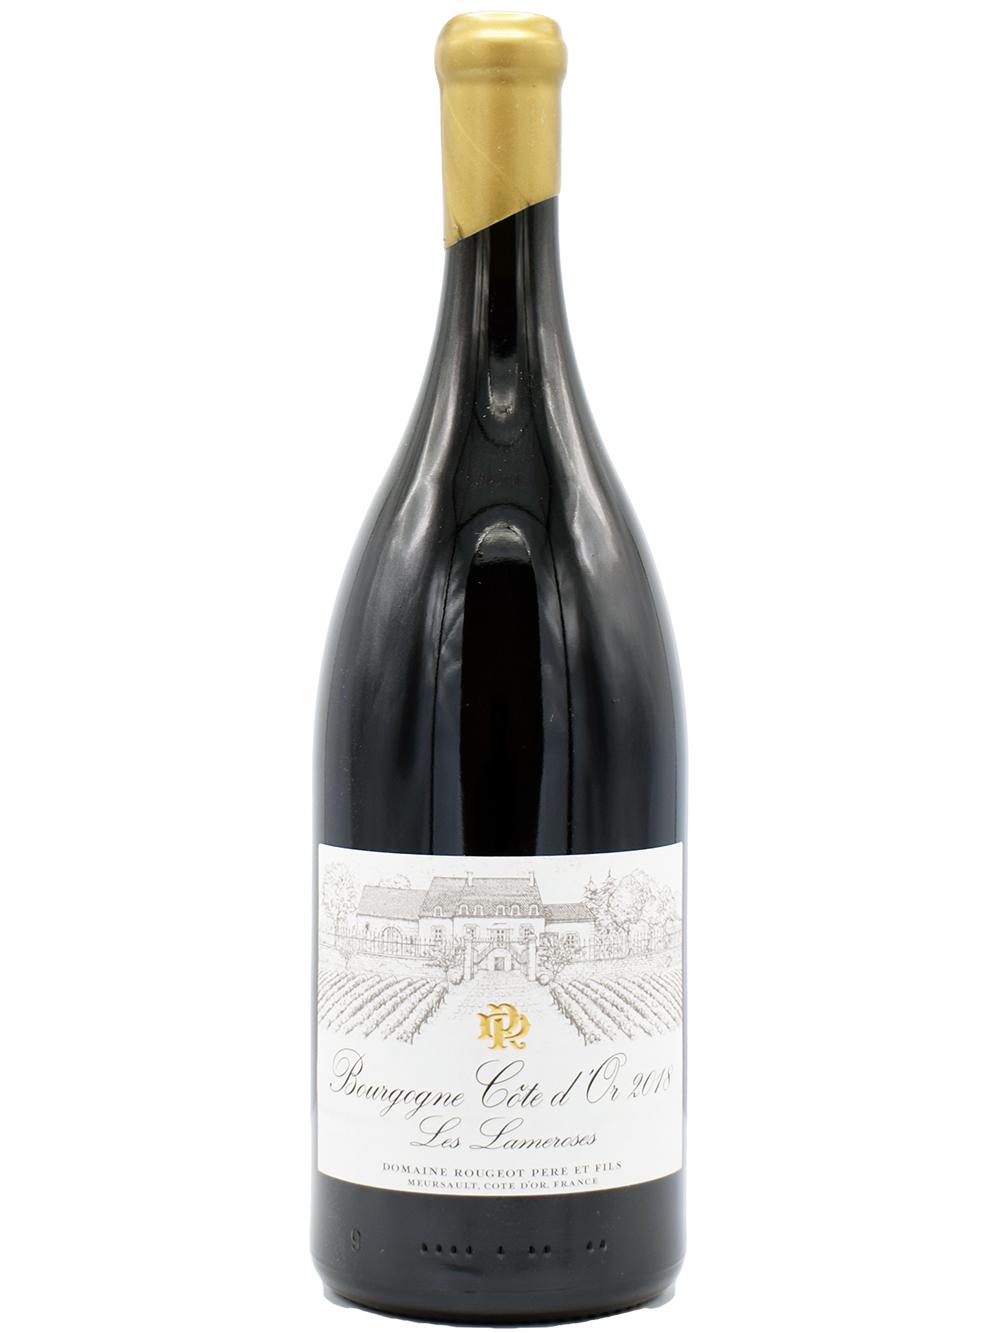 Bourgogne Les Lameroses